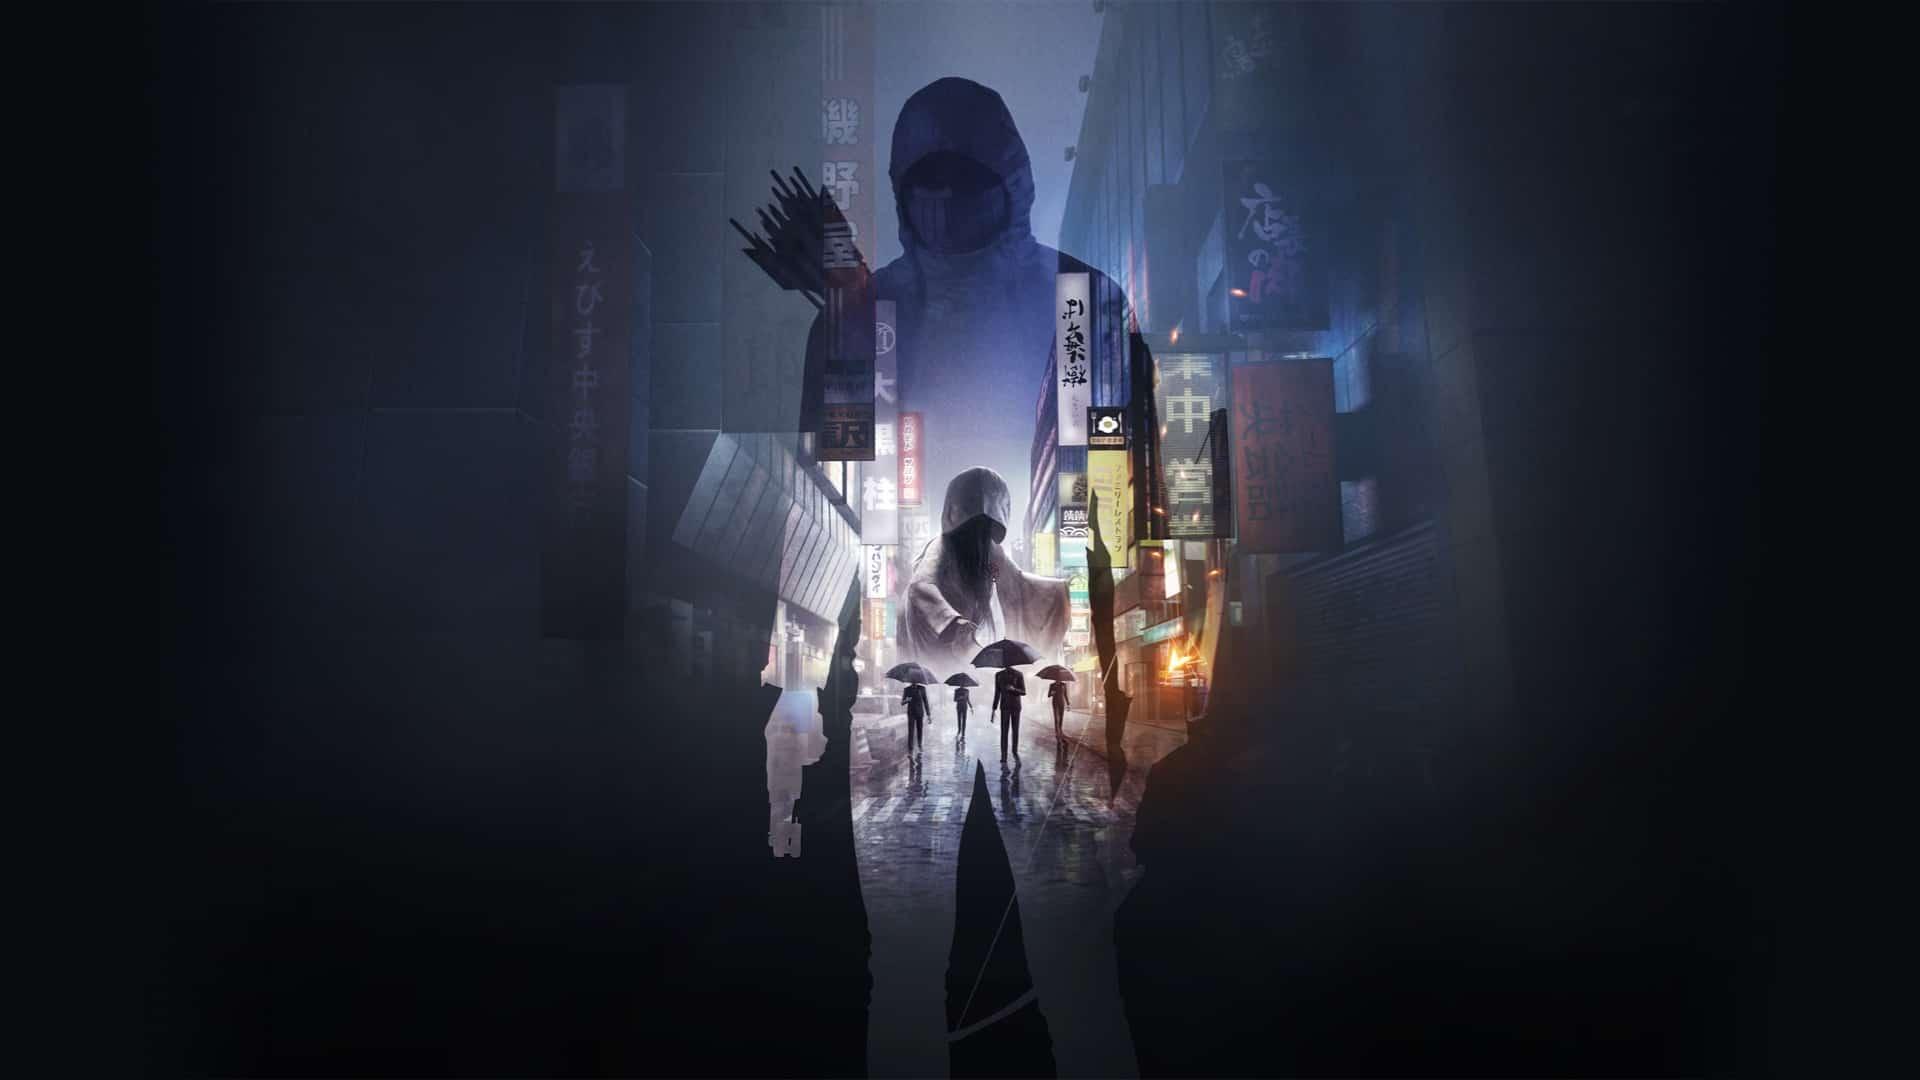 Desenvolvedores de The Evil Within apresentam seu novo projeto GhostWire: Tokyo